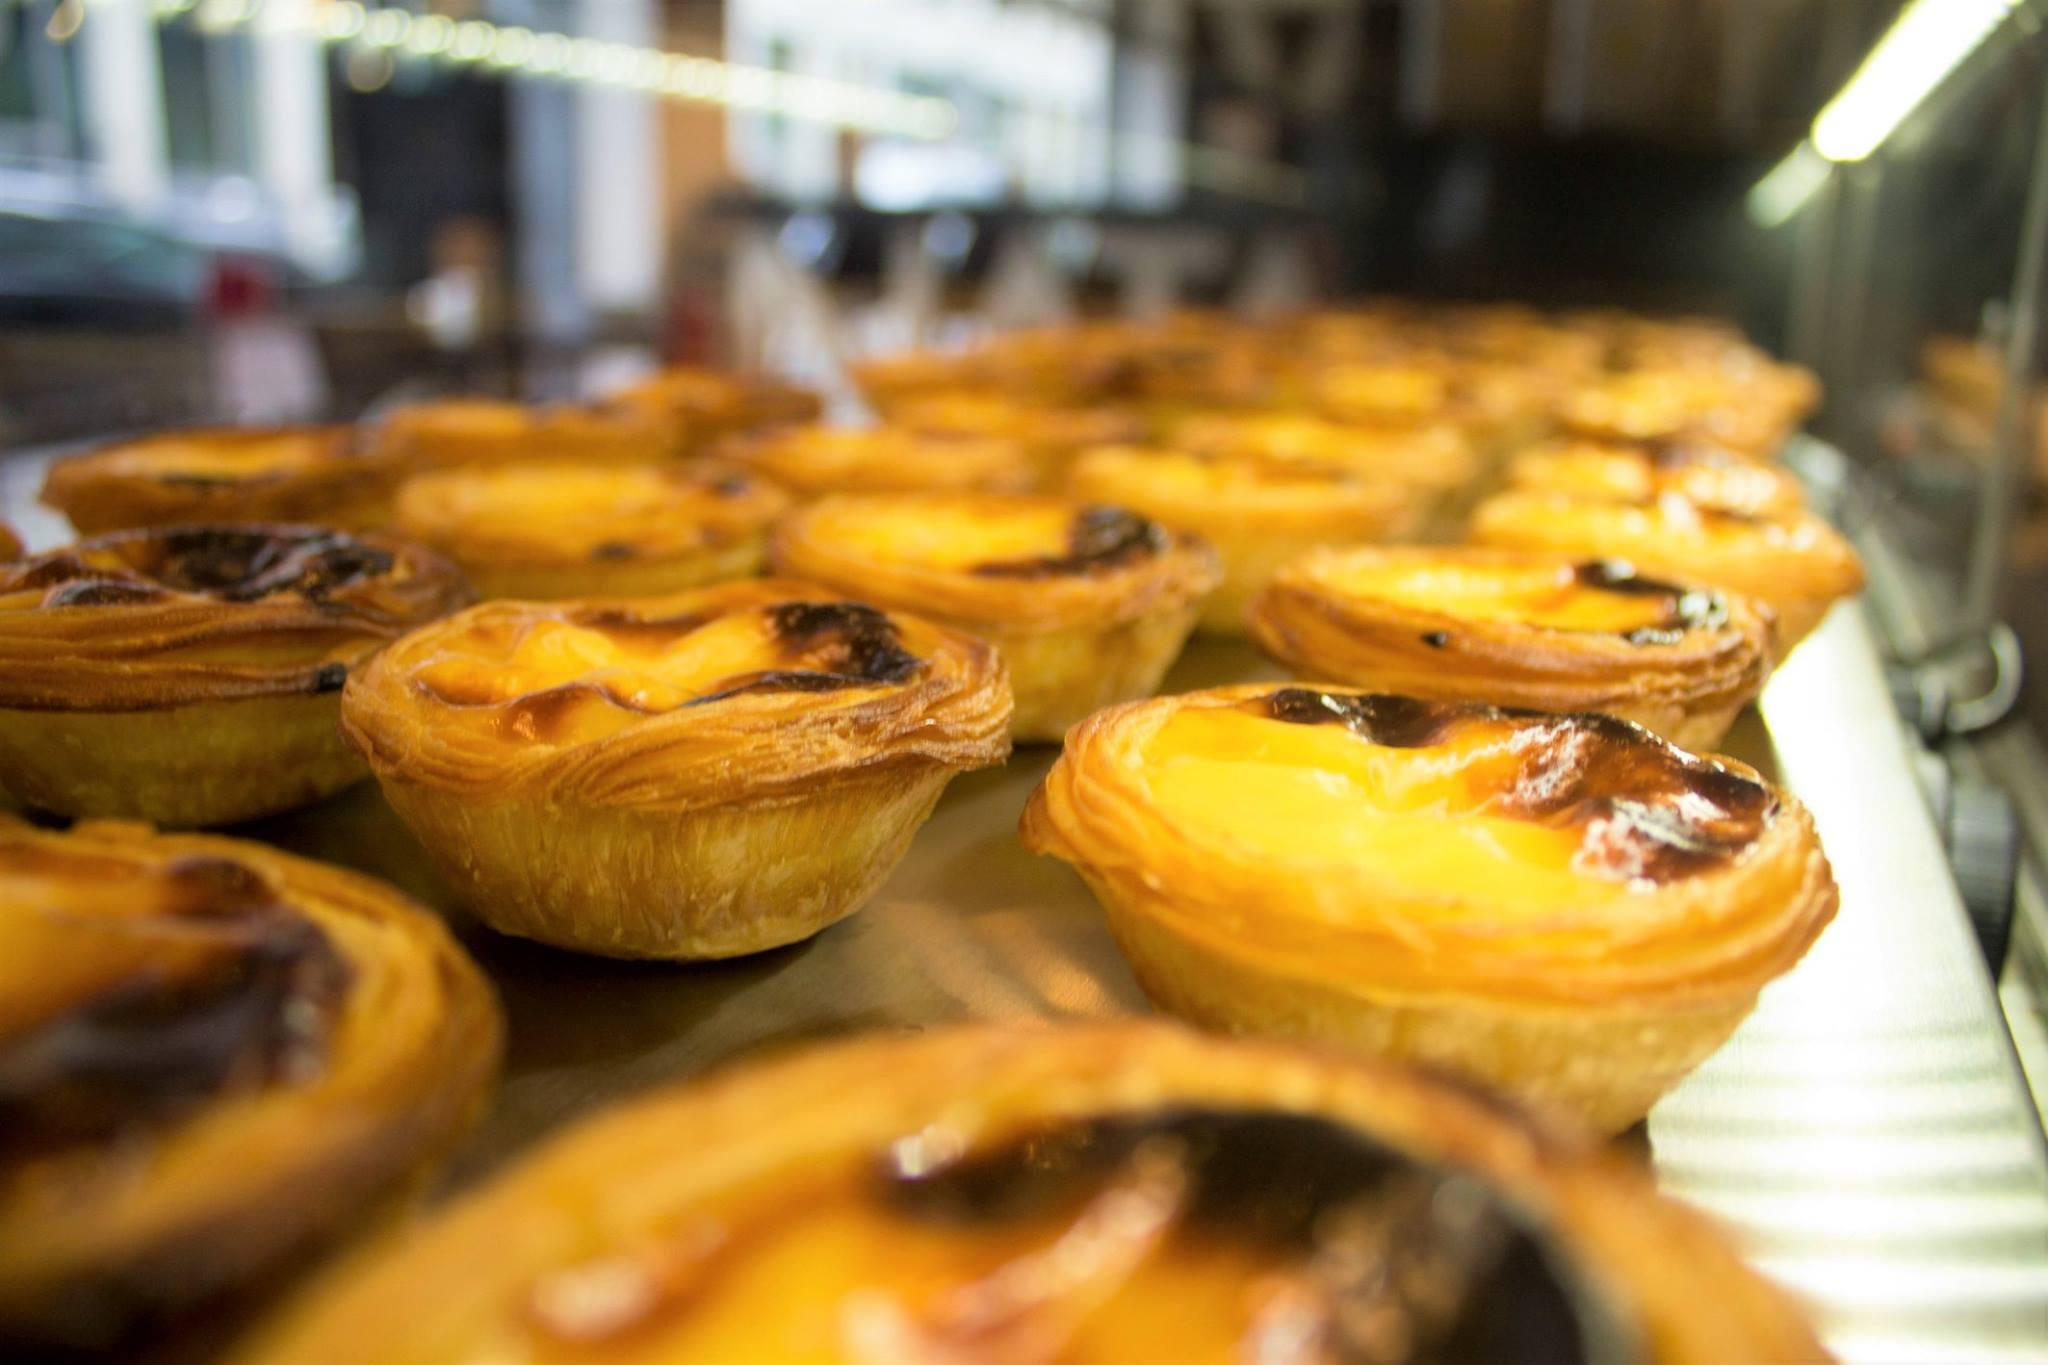 Natas from Nata Lisboa - Pasteis de nata store